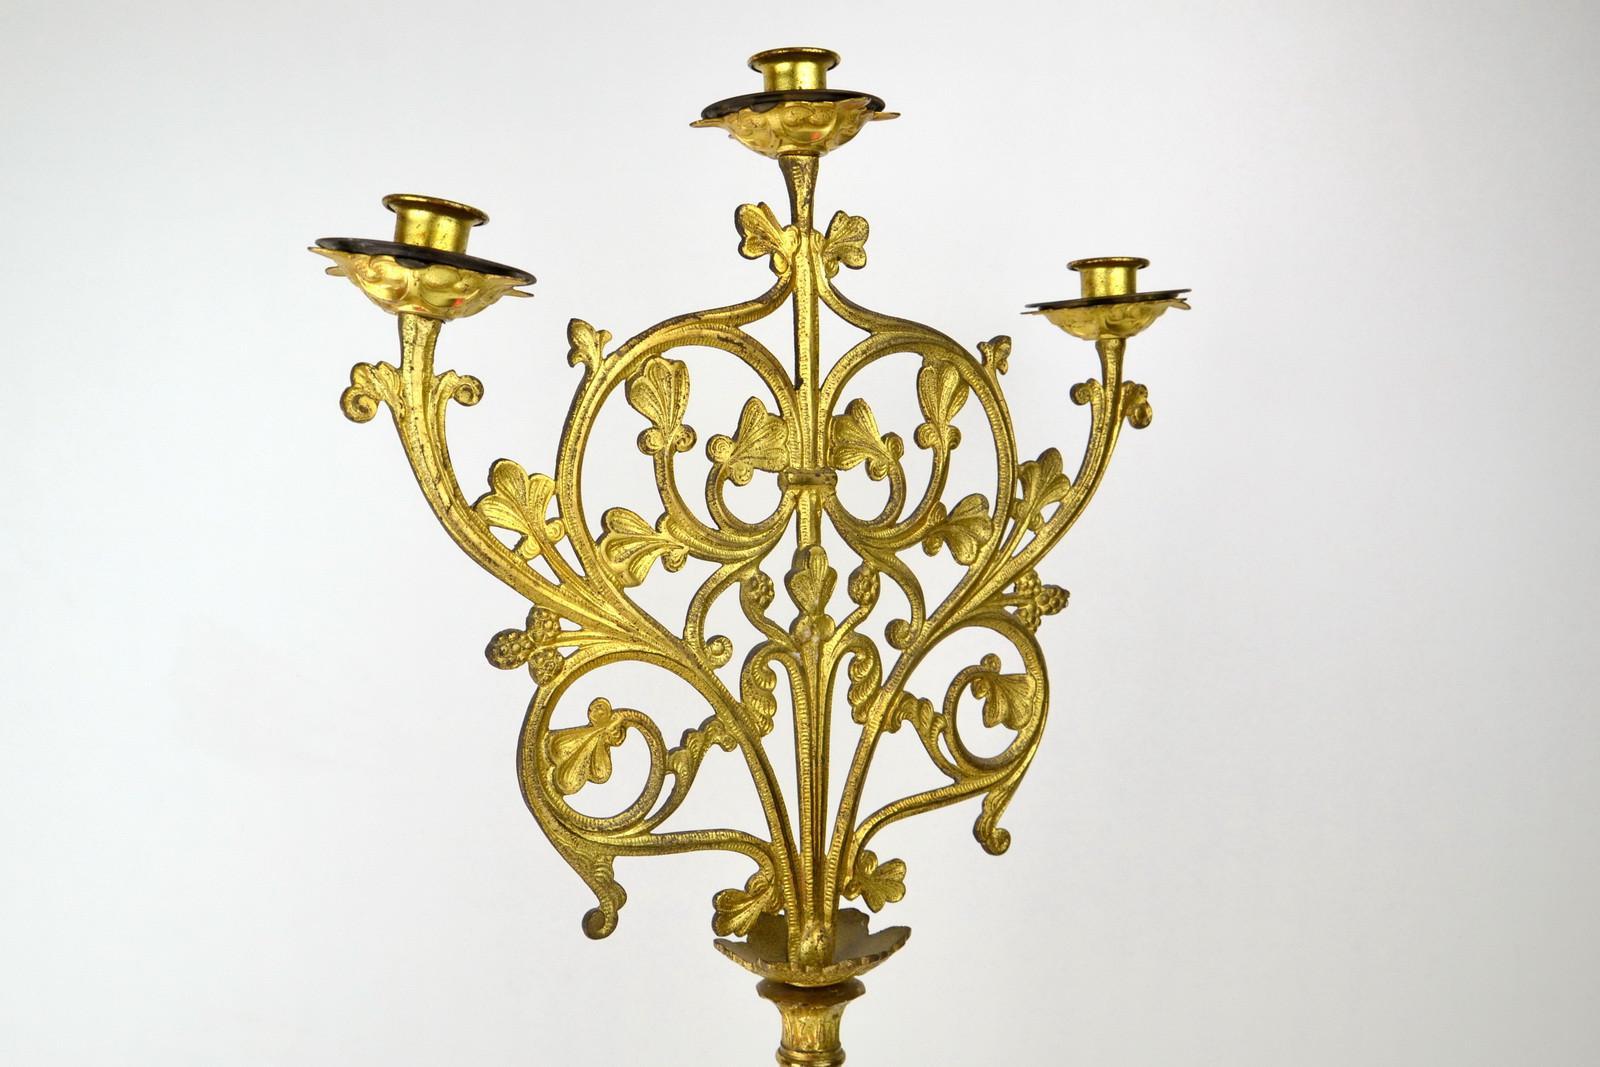 candelabro-antico-bronzo-dorato-1,1544.jpg?WebbinsCacheCounter=1